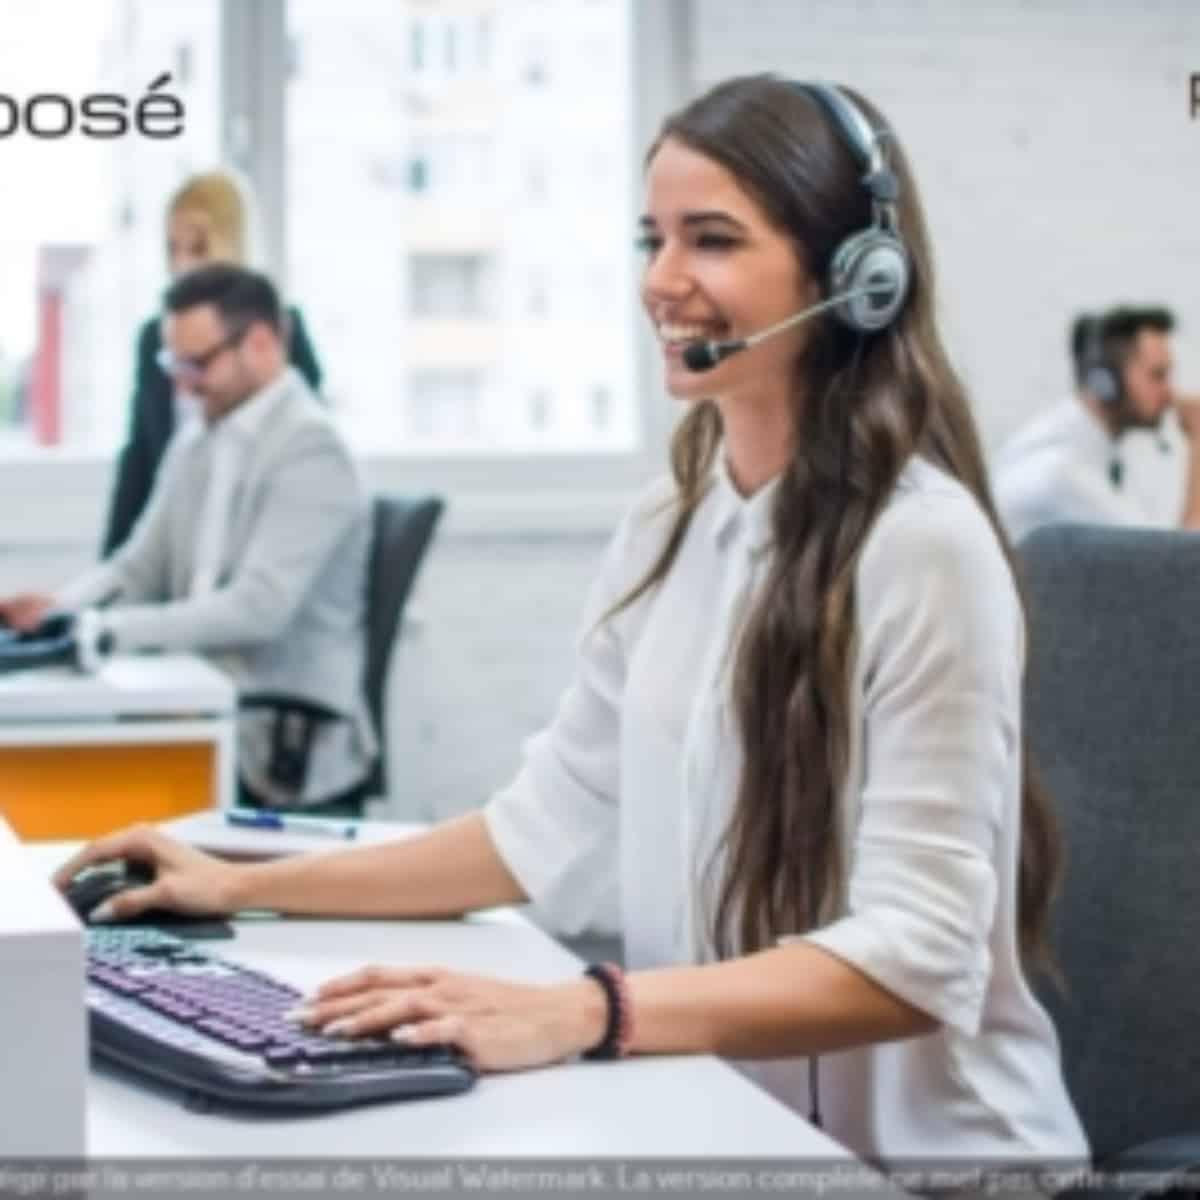 Dans la permanence téléphone de la société Préposé sur la ville de Dijon, une télésecrétaire au téléphone en 2019